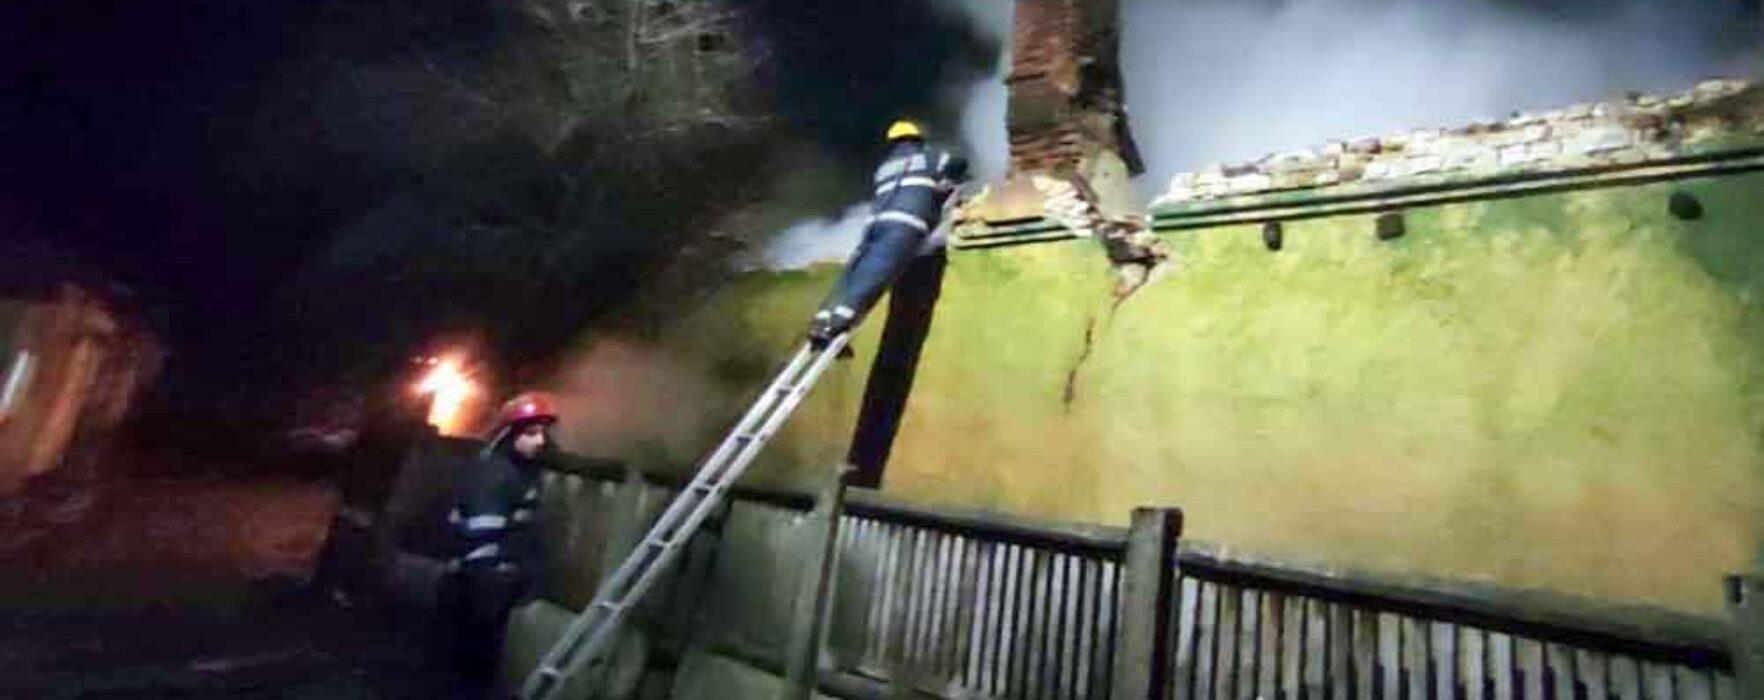 Dâmboviţa: Incendiu la o casă din Crângurile, un bătrân de 85 de ani a fost găsit mort